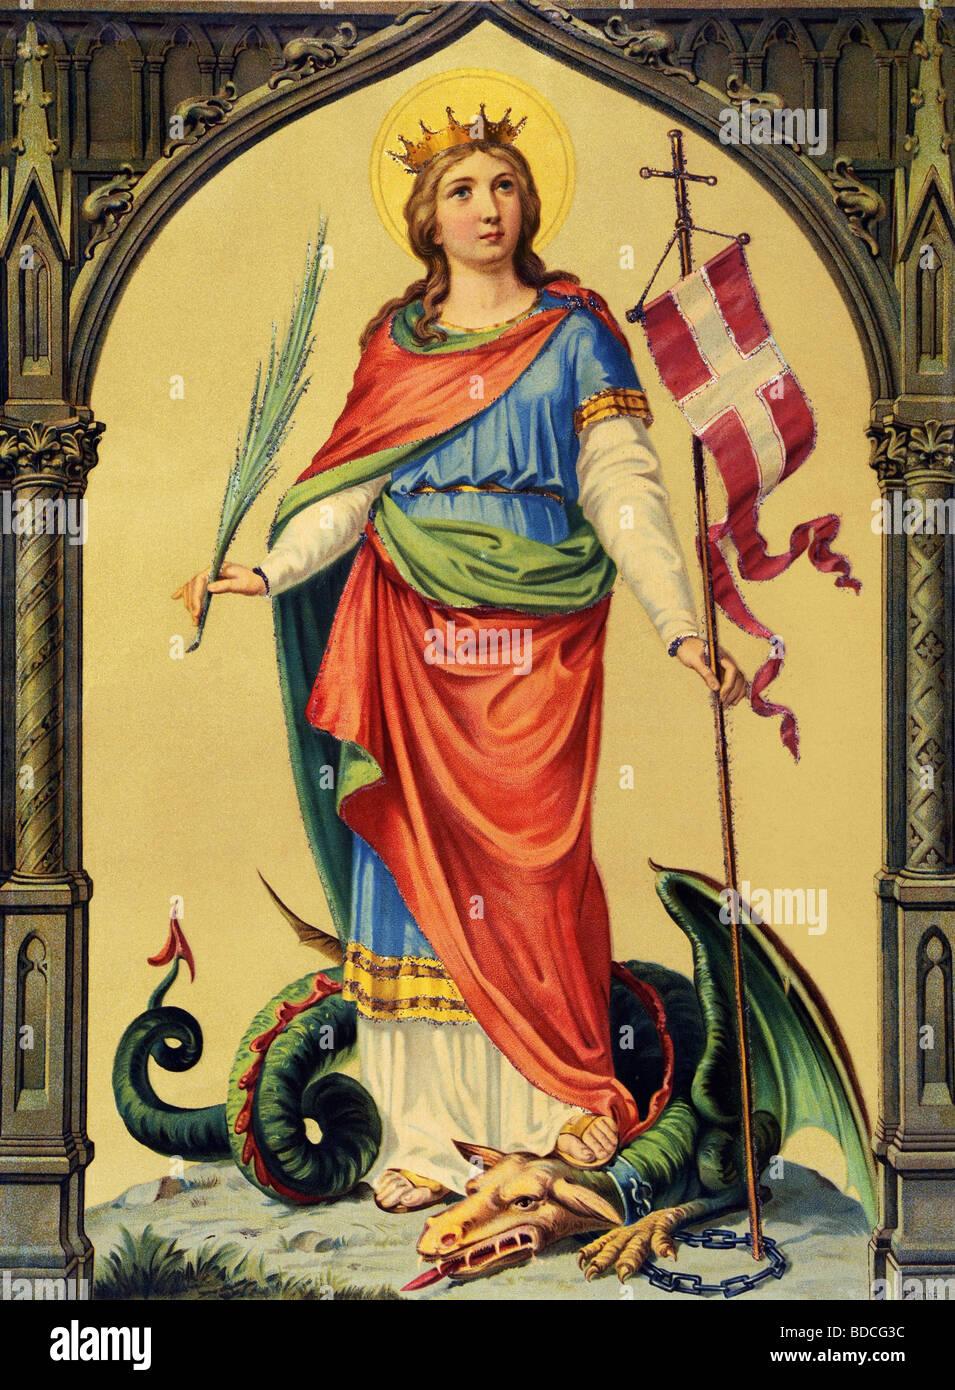 Marguerite d'Antioche, Saint, vers 300 de notre ère, martyr et Virgin, pleine longueur, à cheval sur Photo Stock